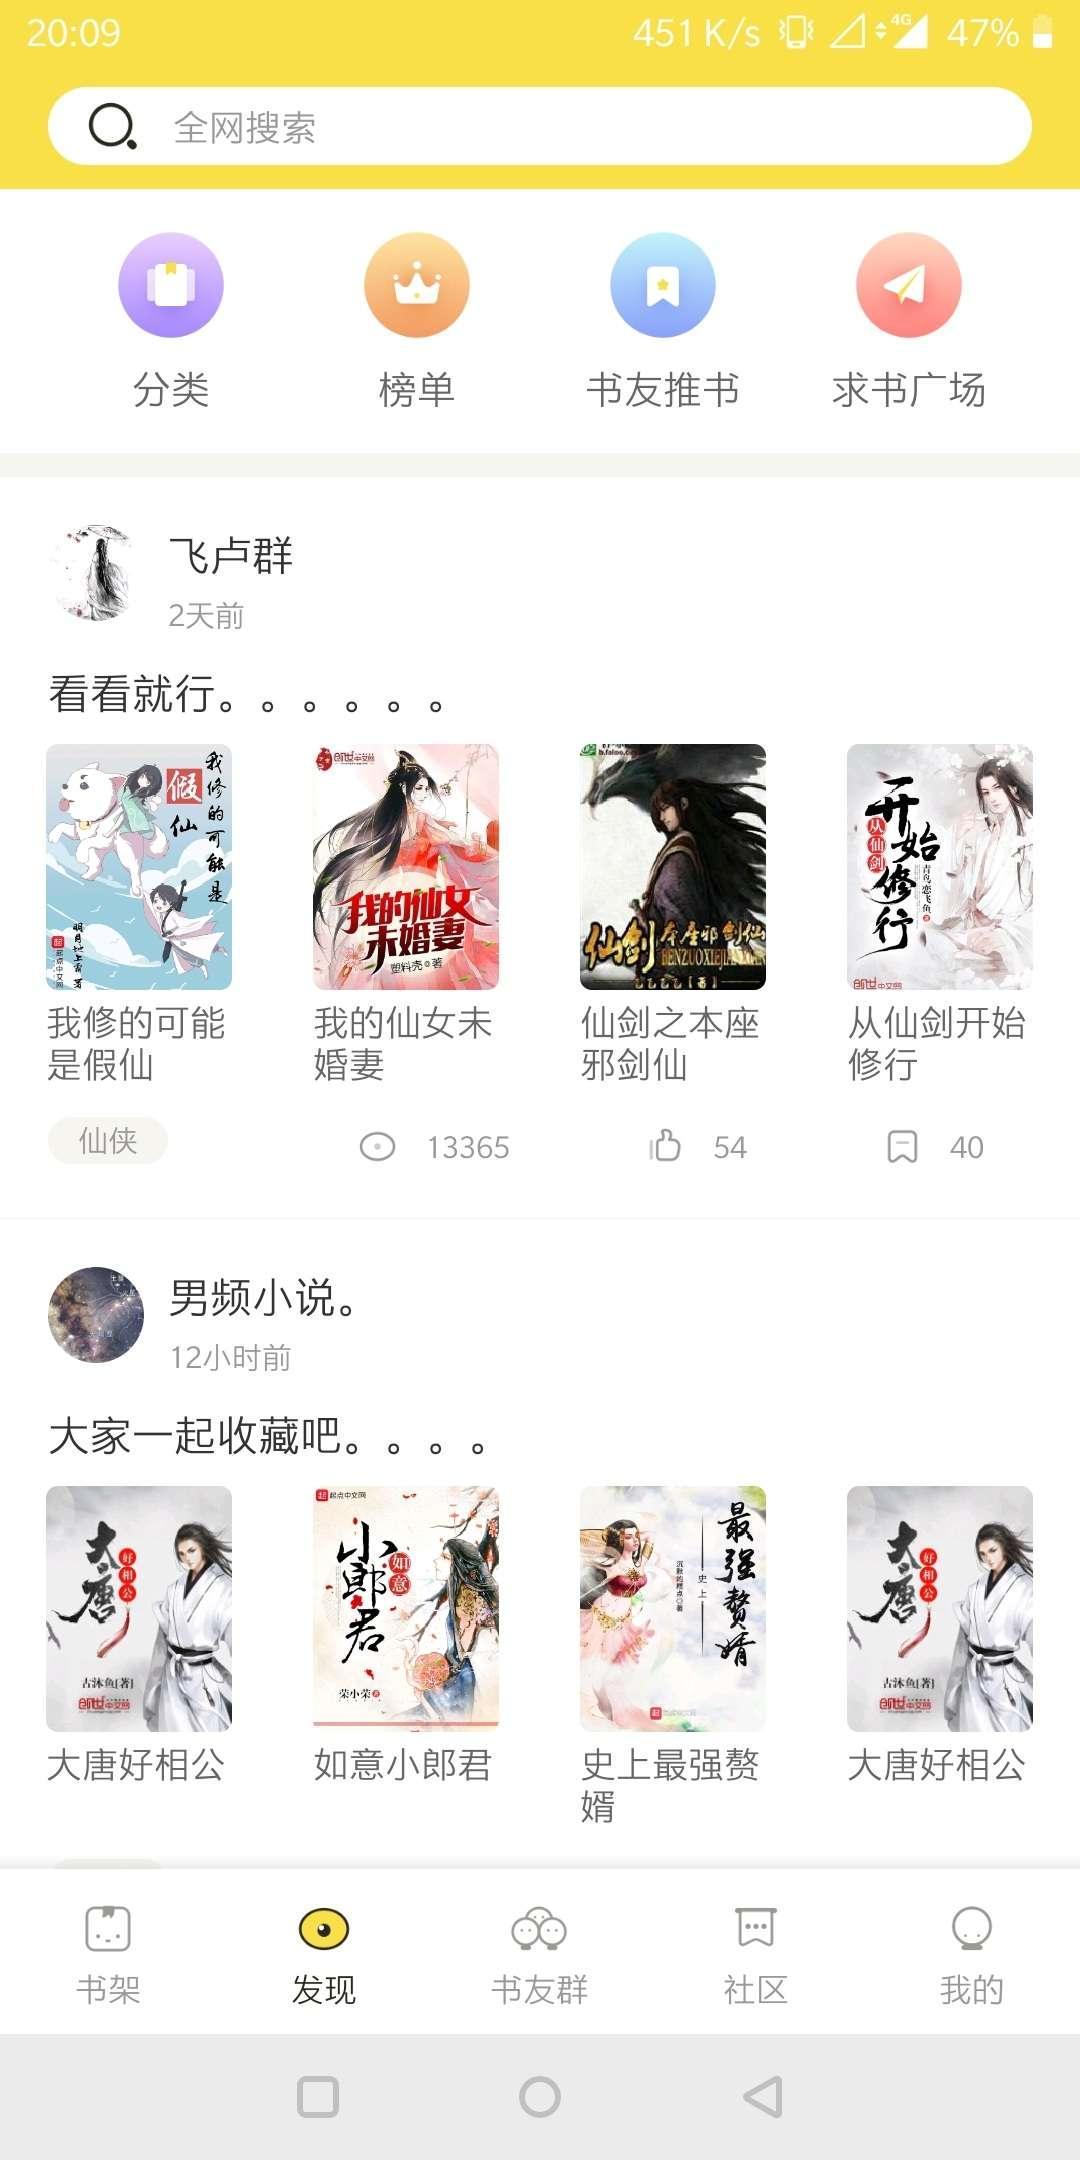 【分享】多友多书v1.0.2无广告全网书源随便搜许愿看飞卢